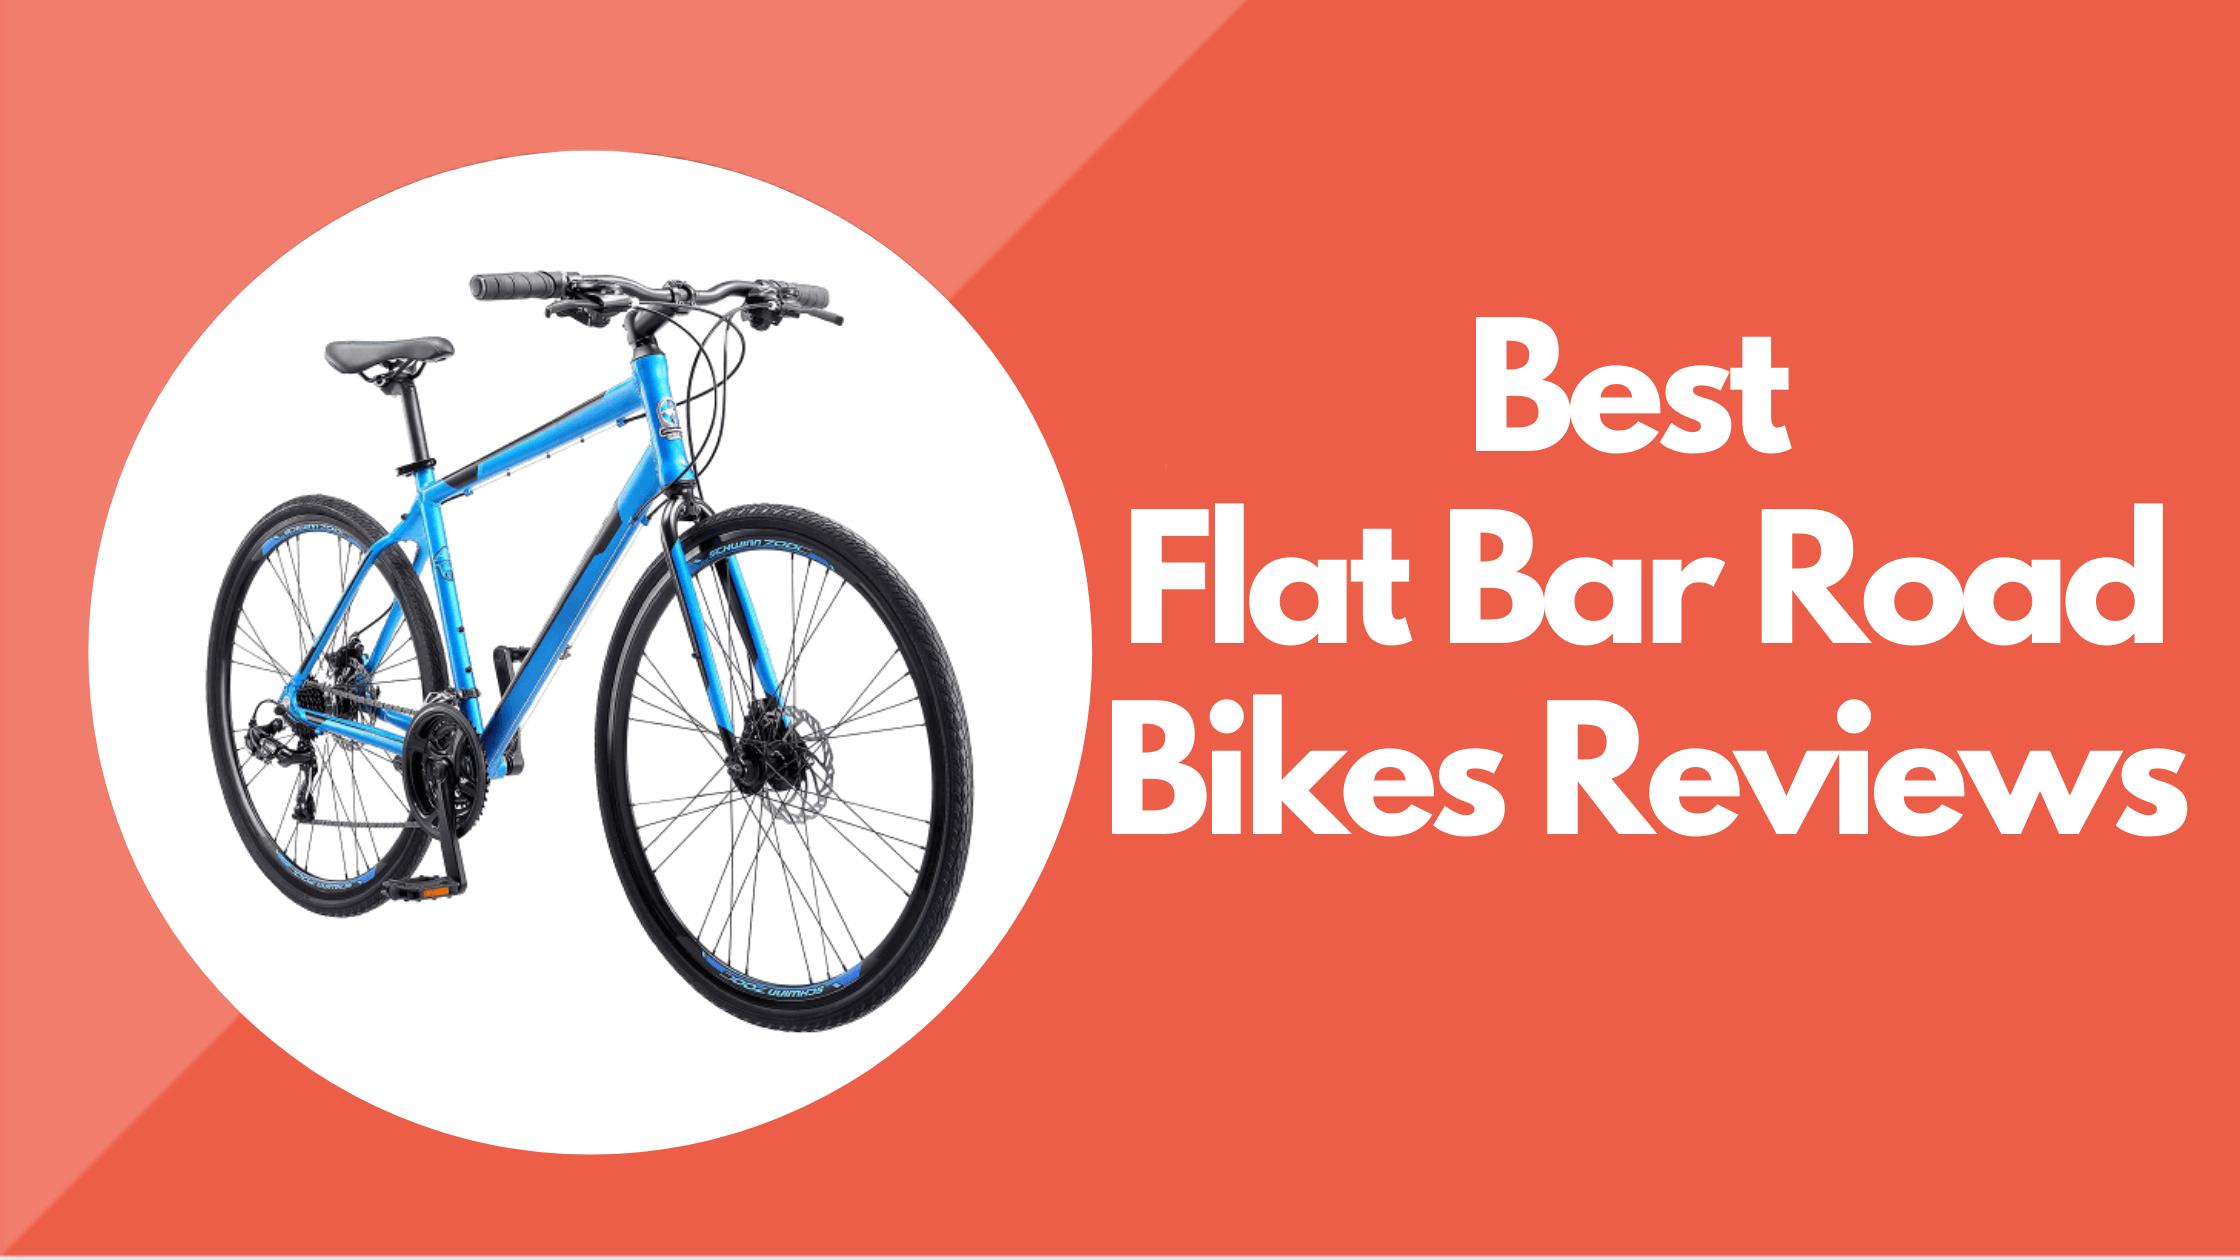 Best Flat Bar Road Bikes